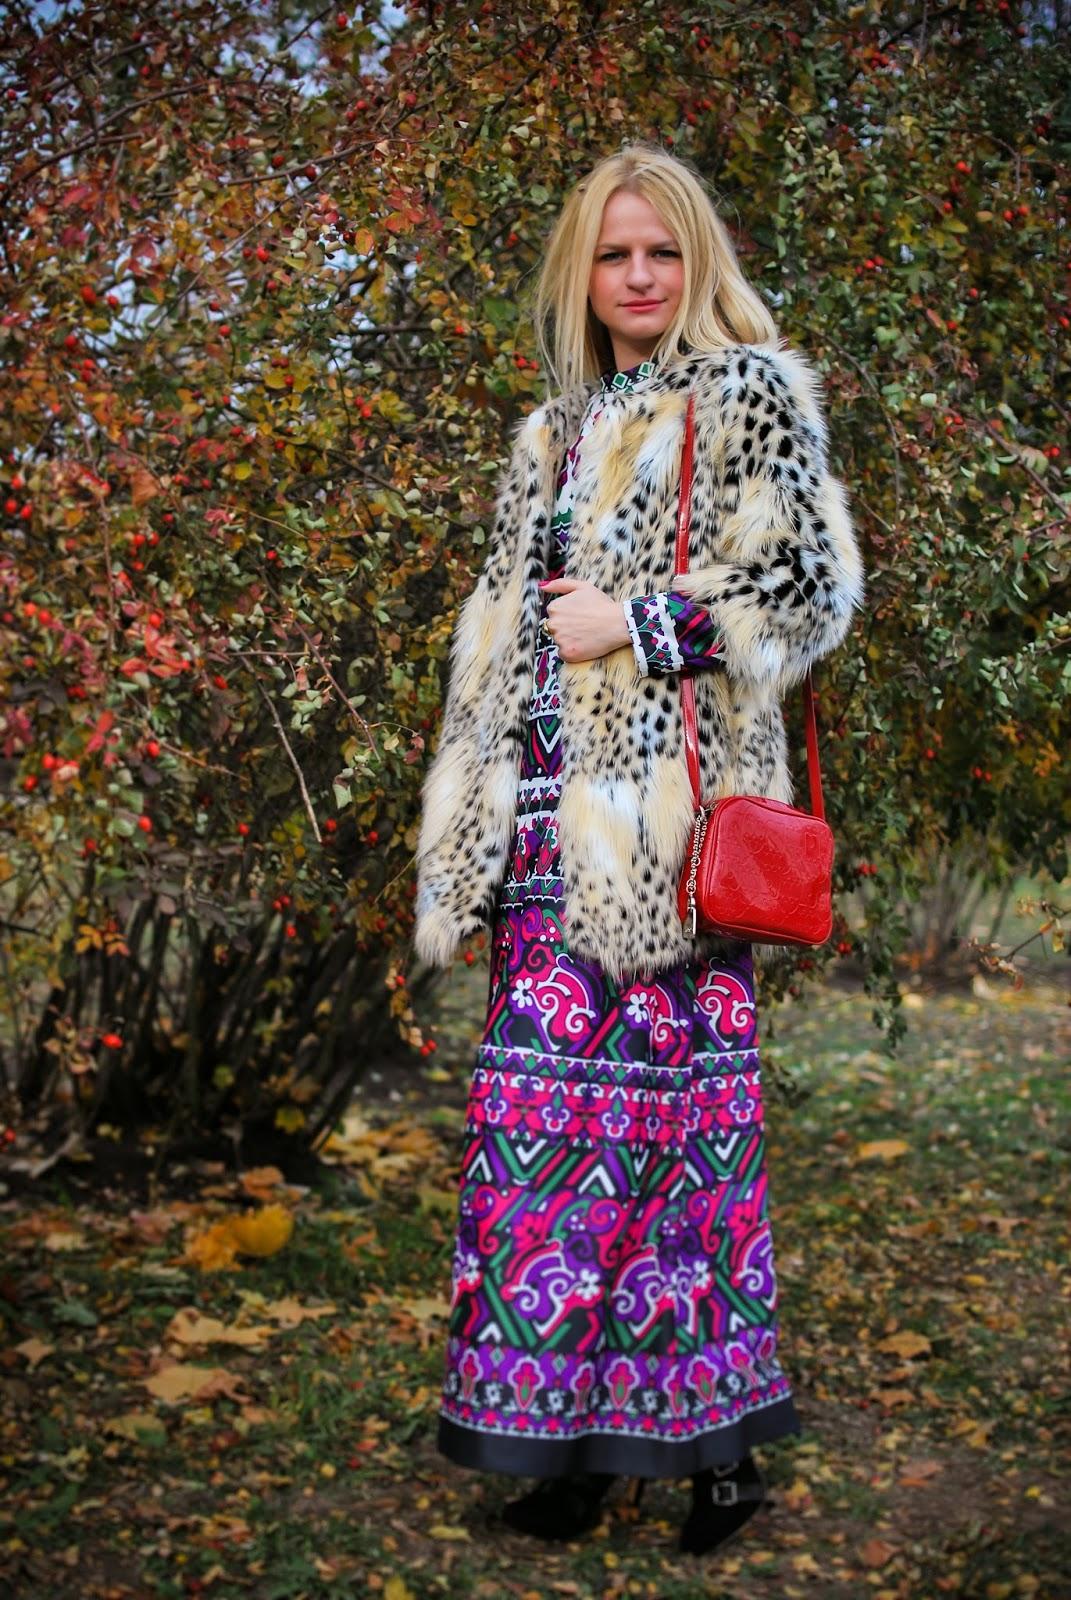 стиль, осенний лук,леопардовый принт,коста мода, Irina Pavlova, fashion blog